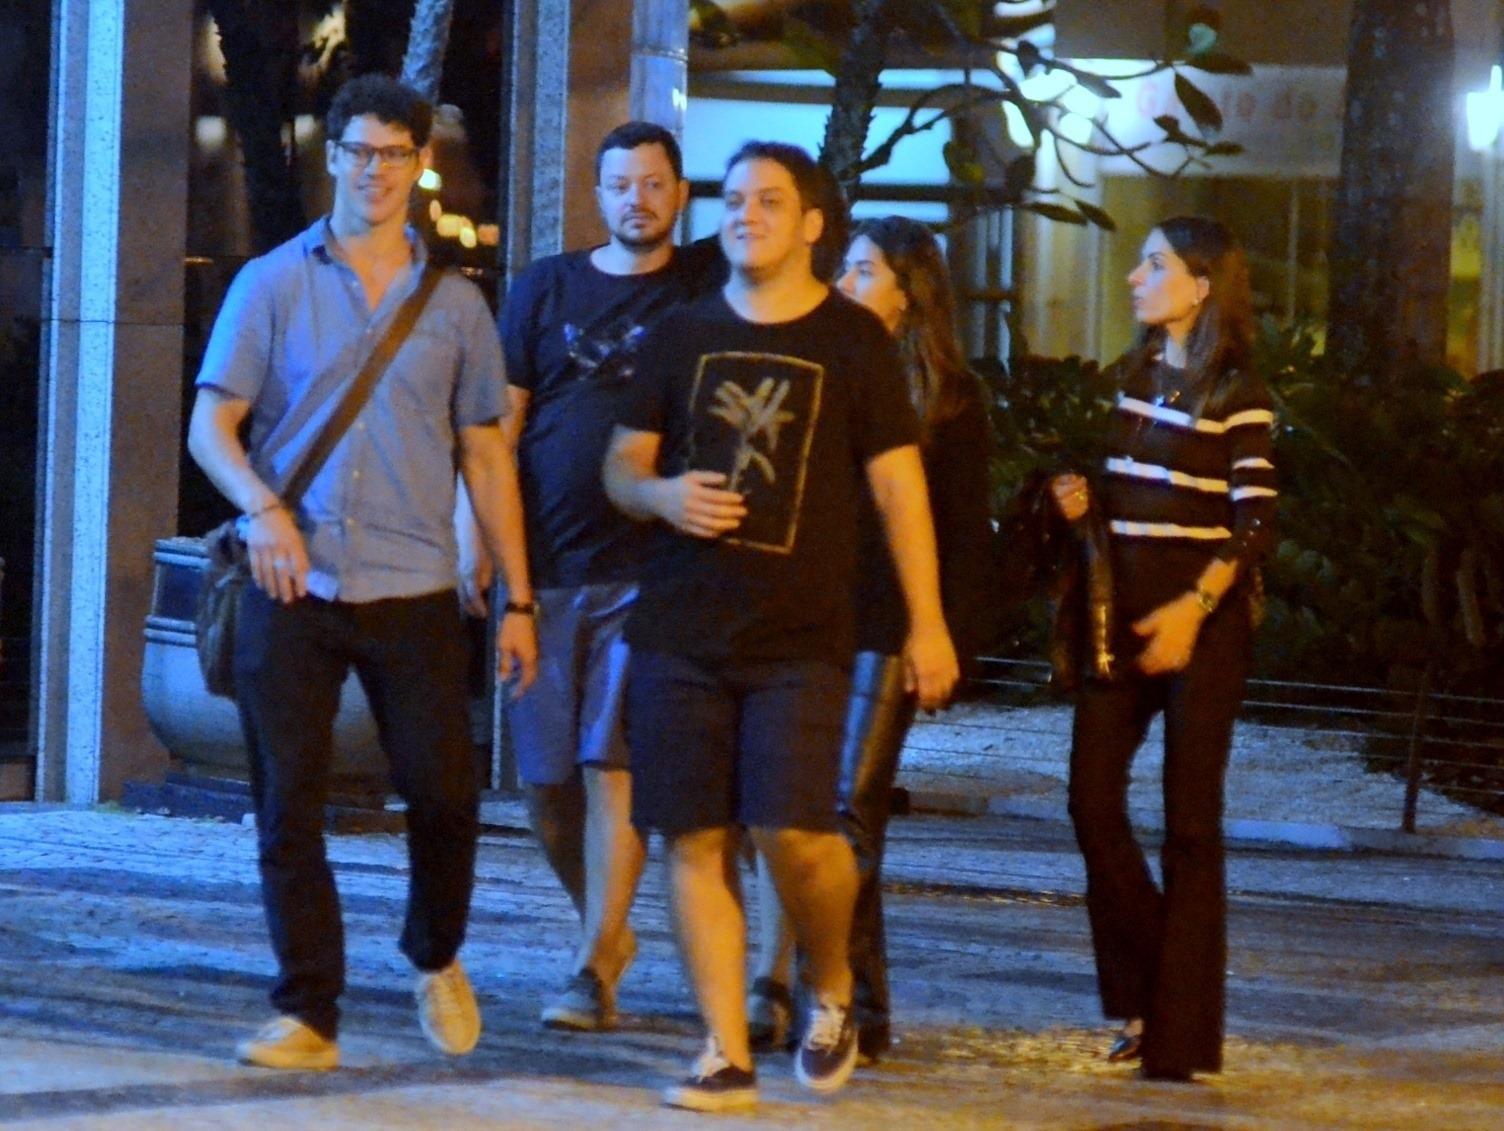 José Loreto junto com amigos caminhando na rua (Foto: AGNews)